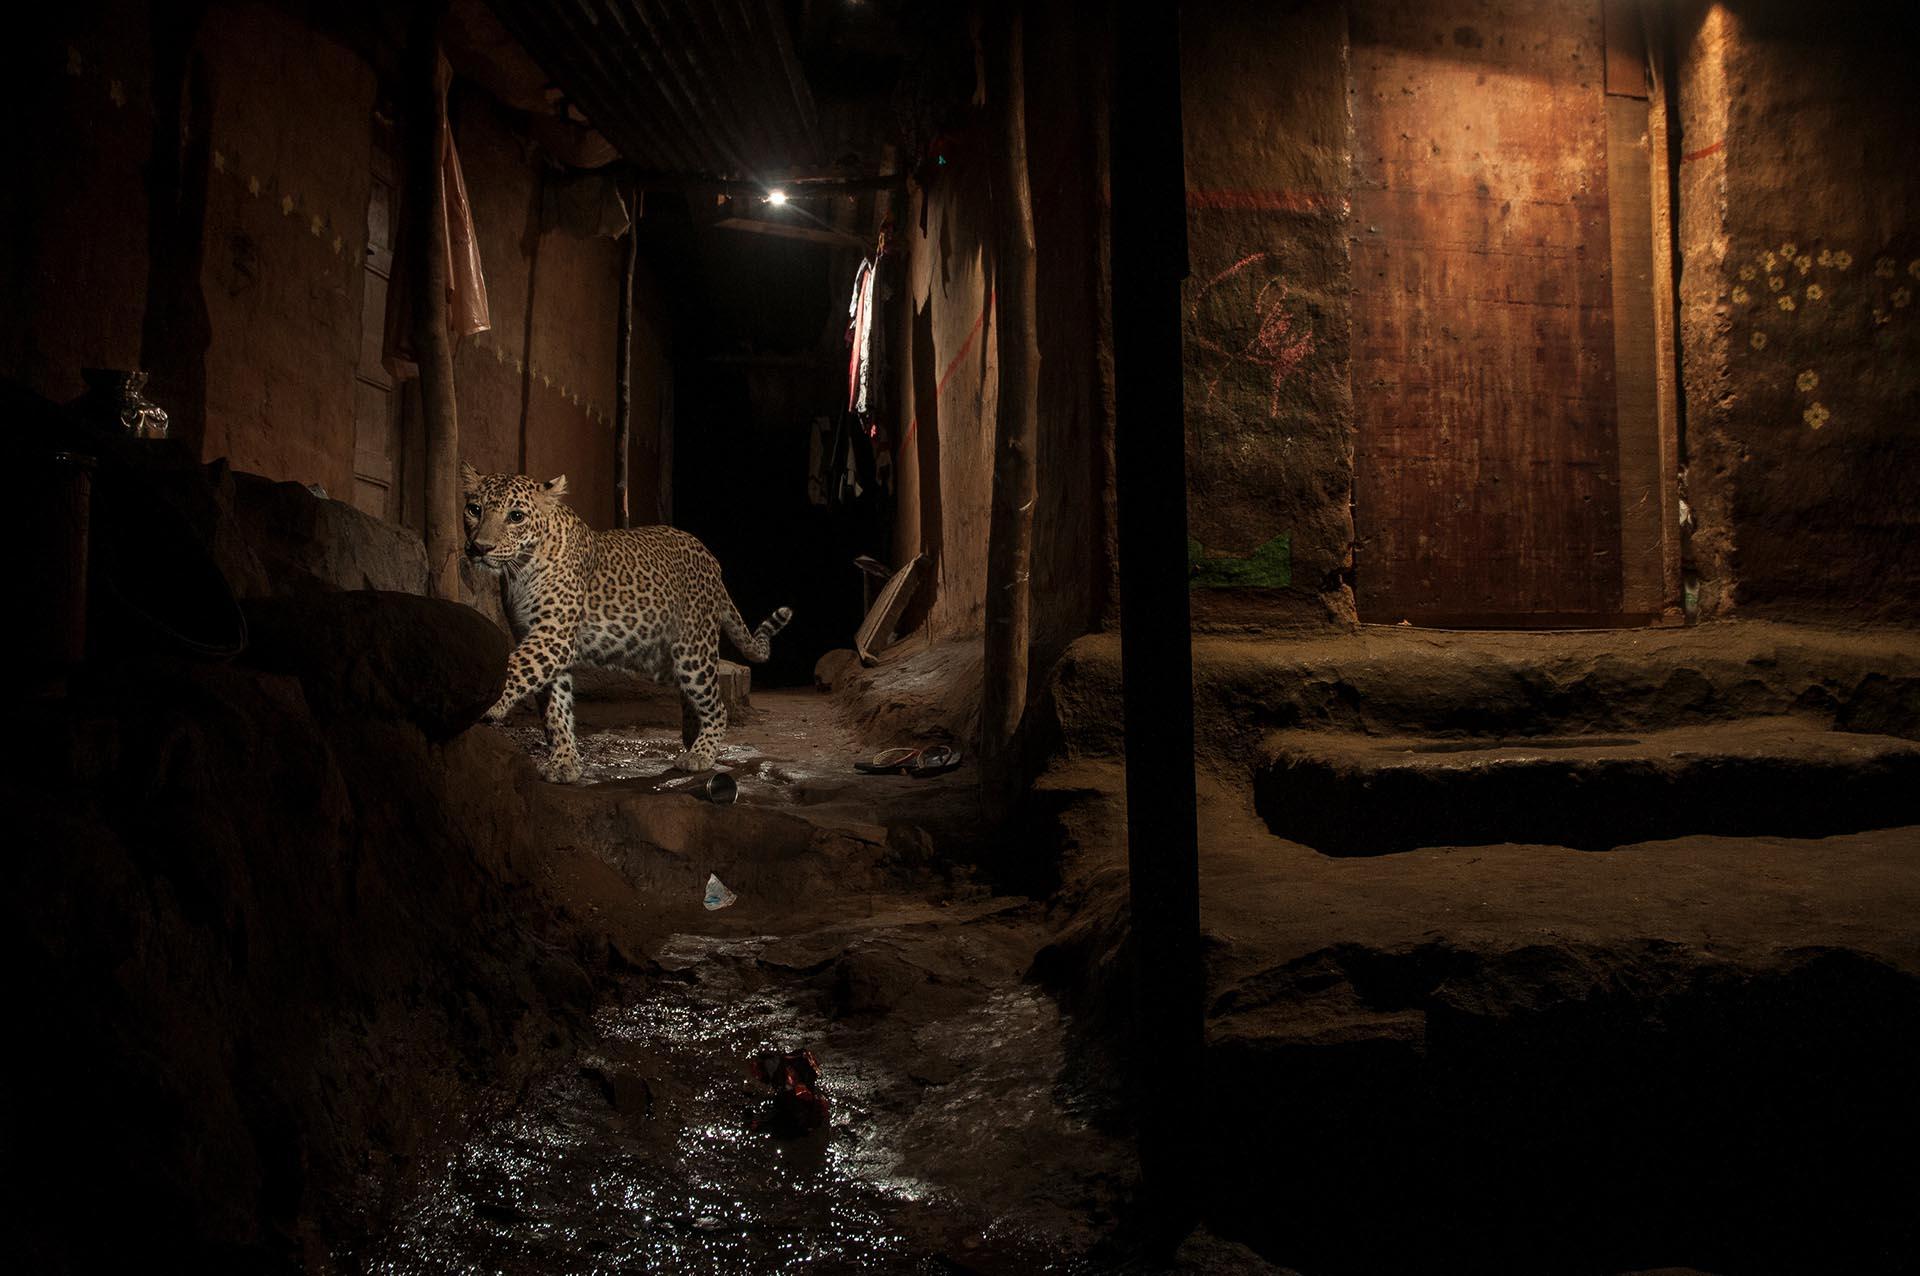 Naturaleza, segundo premio. Un leopardo salvaje en el Parque Nacional Sanjay Gandhi, en Bombai. Nayan Khanolkar, REUTERS